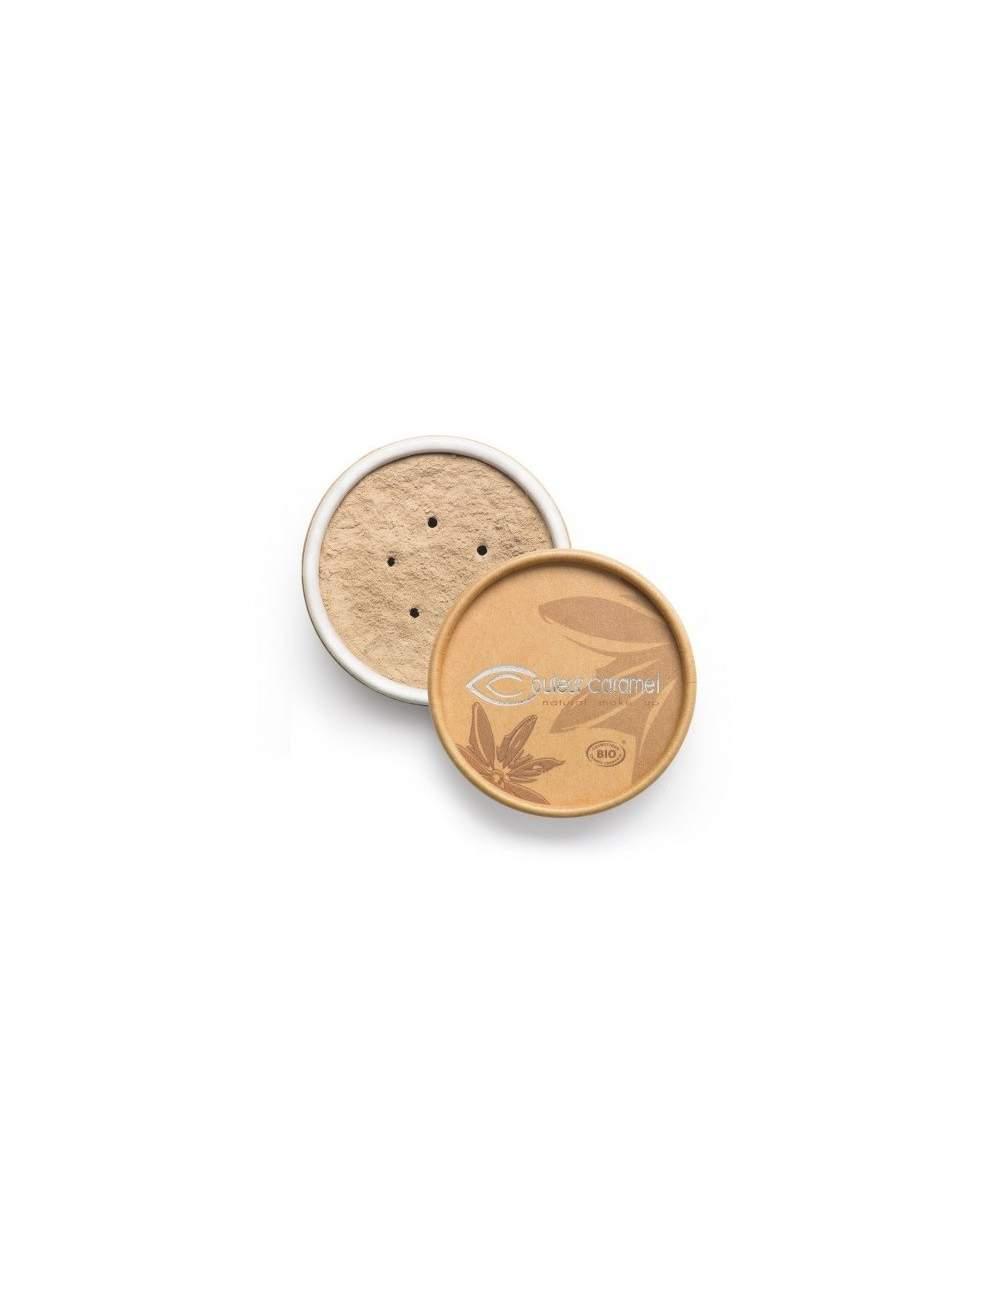 Fond de Teint Bio Minéral 01 Light Beige. Couleur Caramel